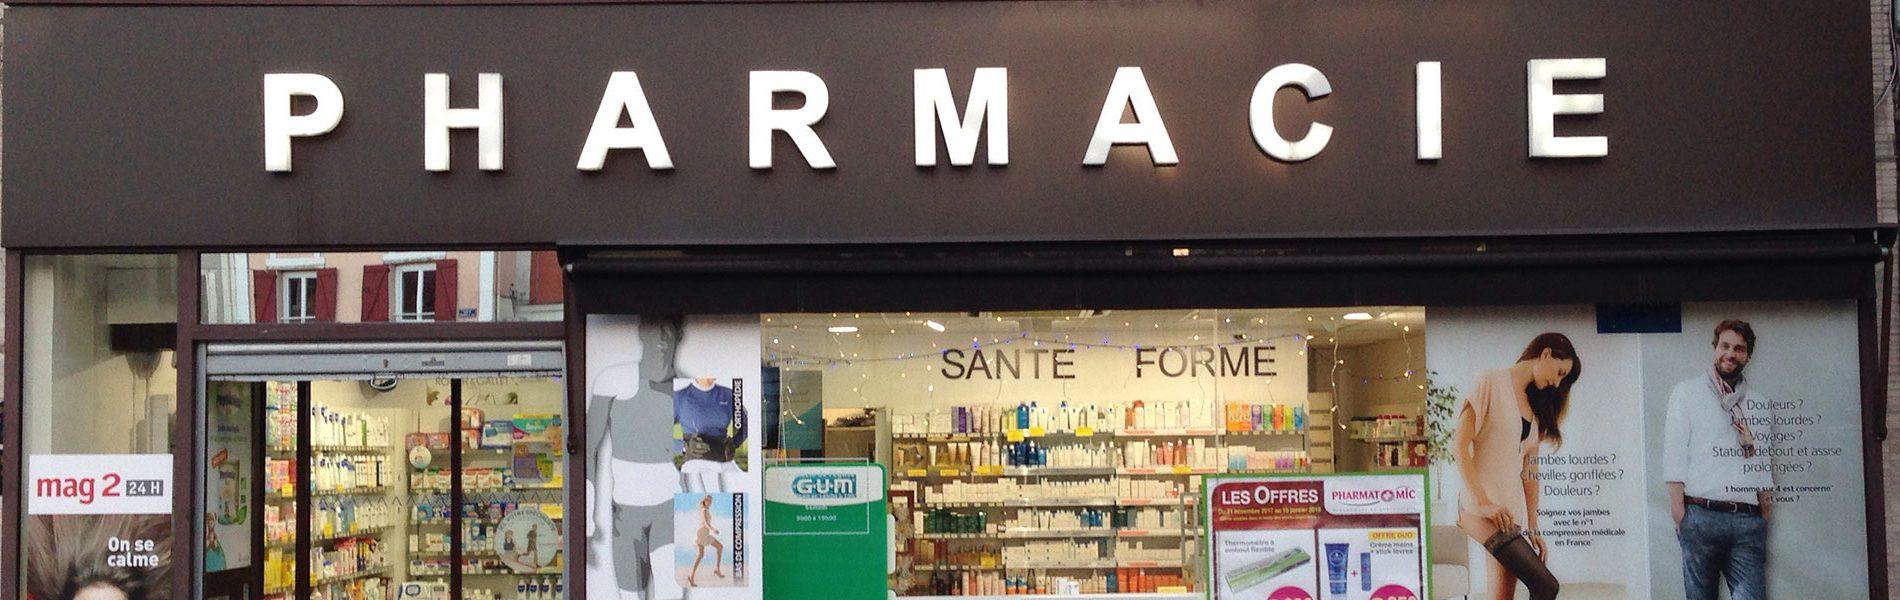 Pharmacie DE L'EGLISE - Image Homepage 1